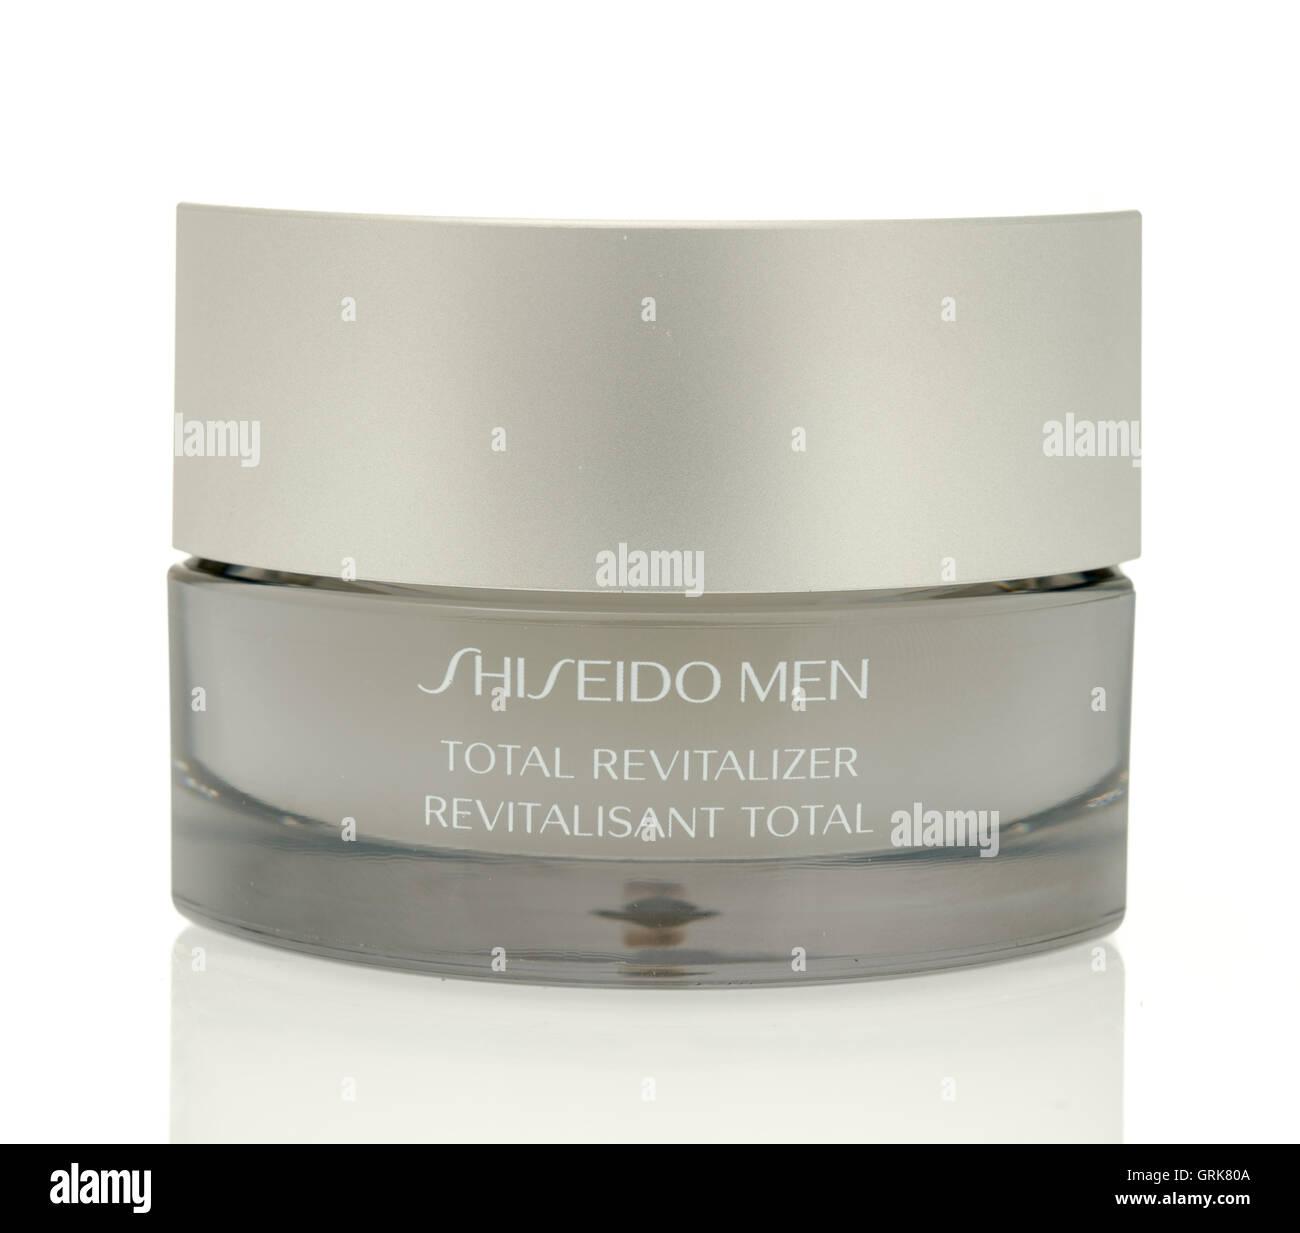 Winneconne, WI - 4 Agosto 2016: Shiseido uomini totale rigenerante crema per il viso isolato su un background. Immagini Stock